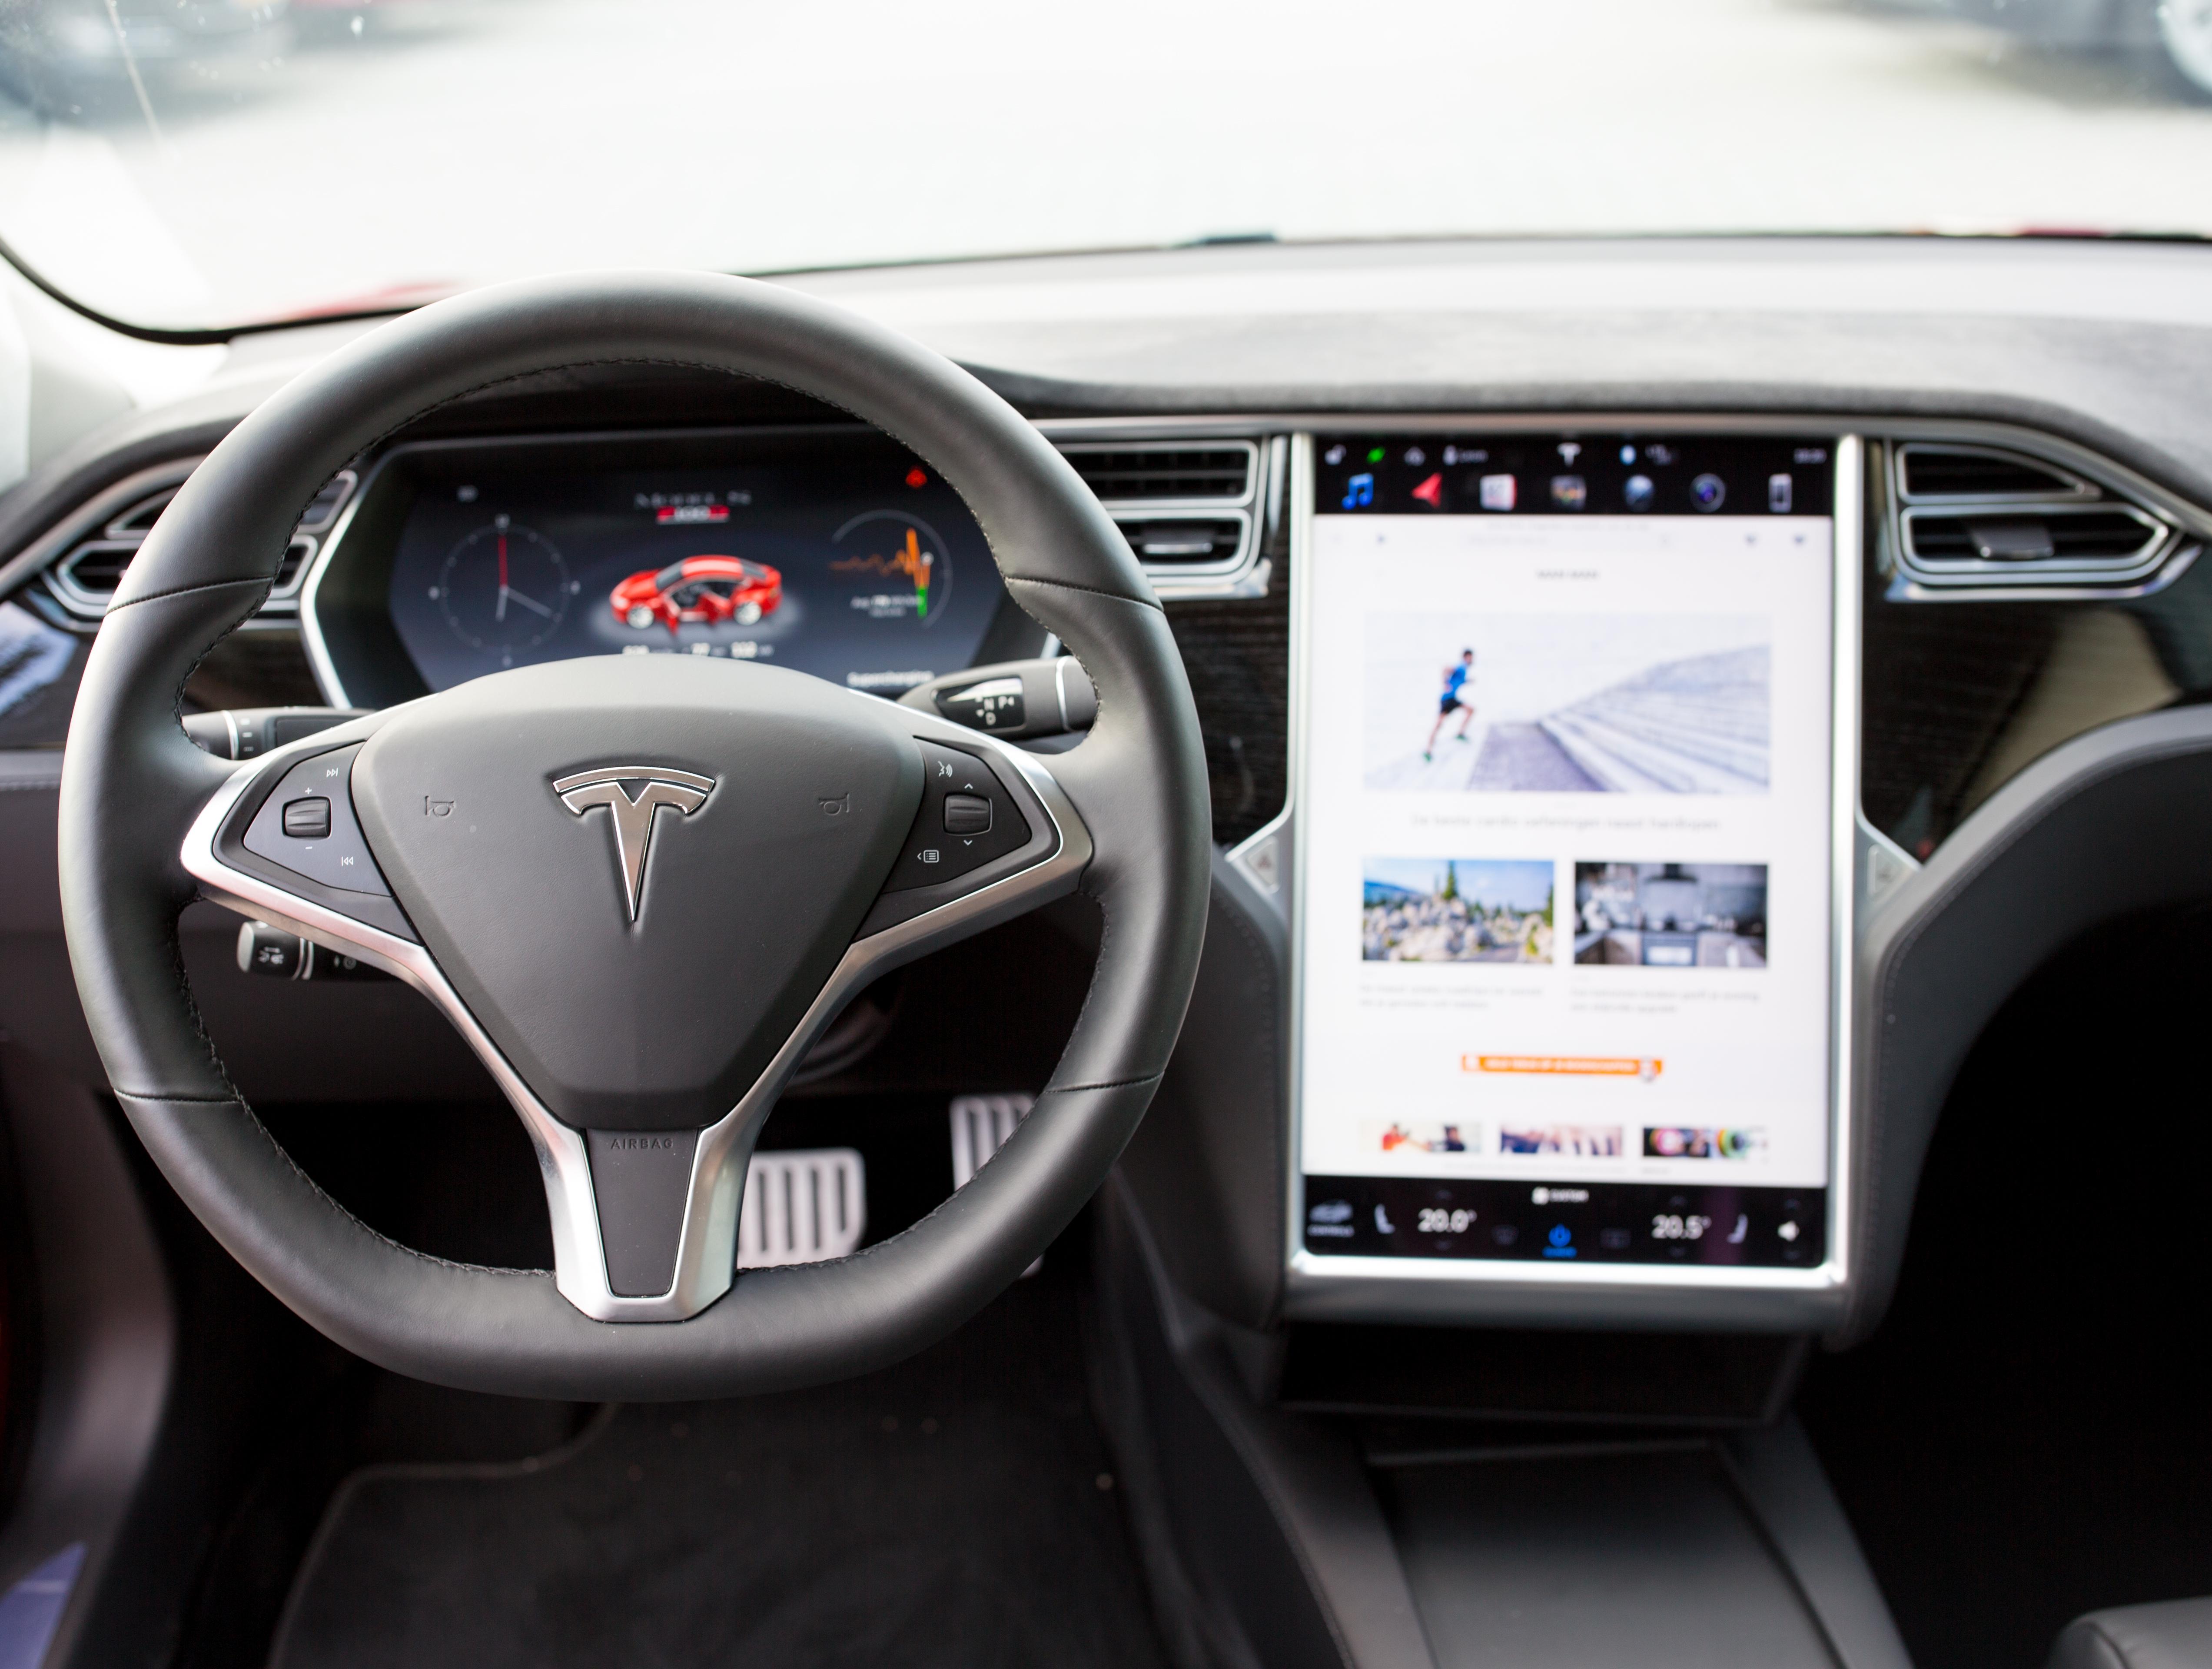 MAN MAN test de snelste productie-auto ter wereld: Tesla Model S ...